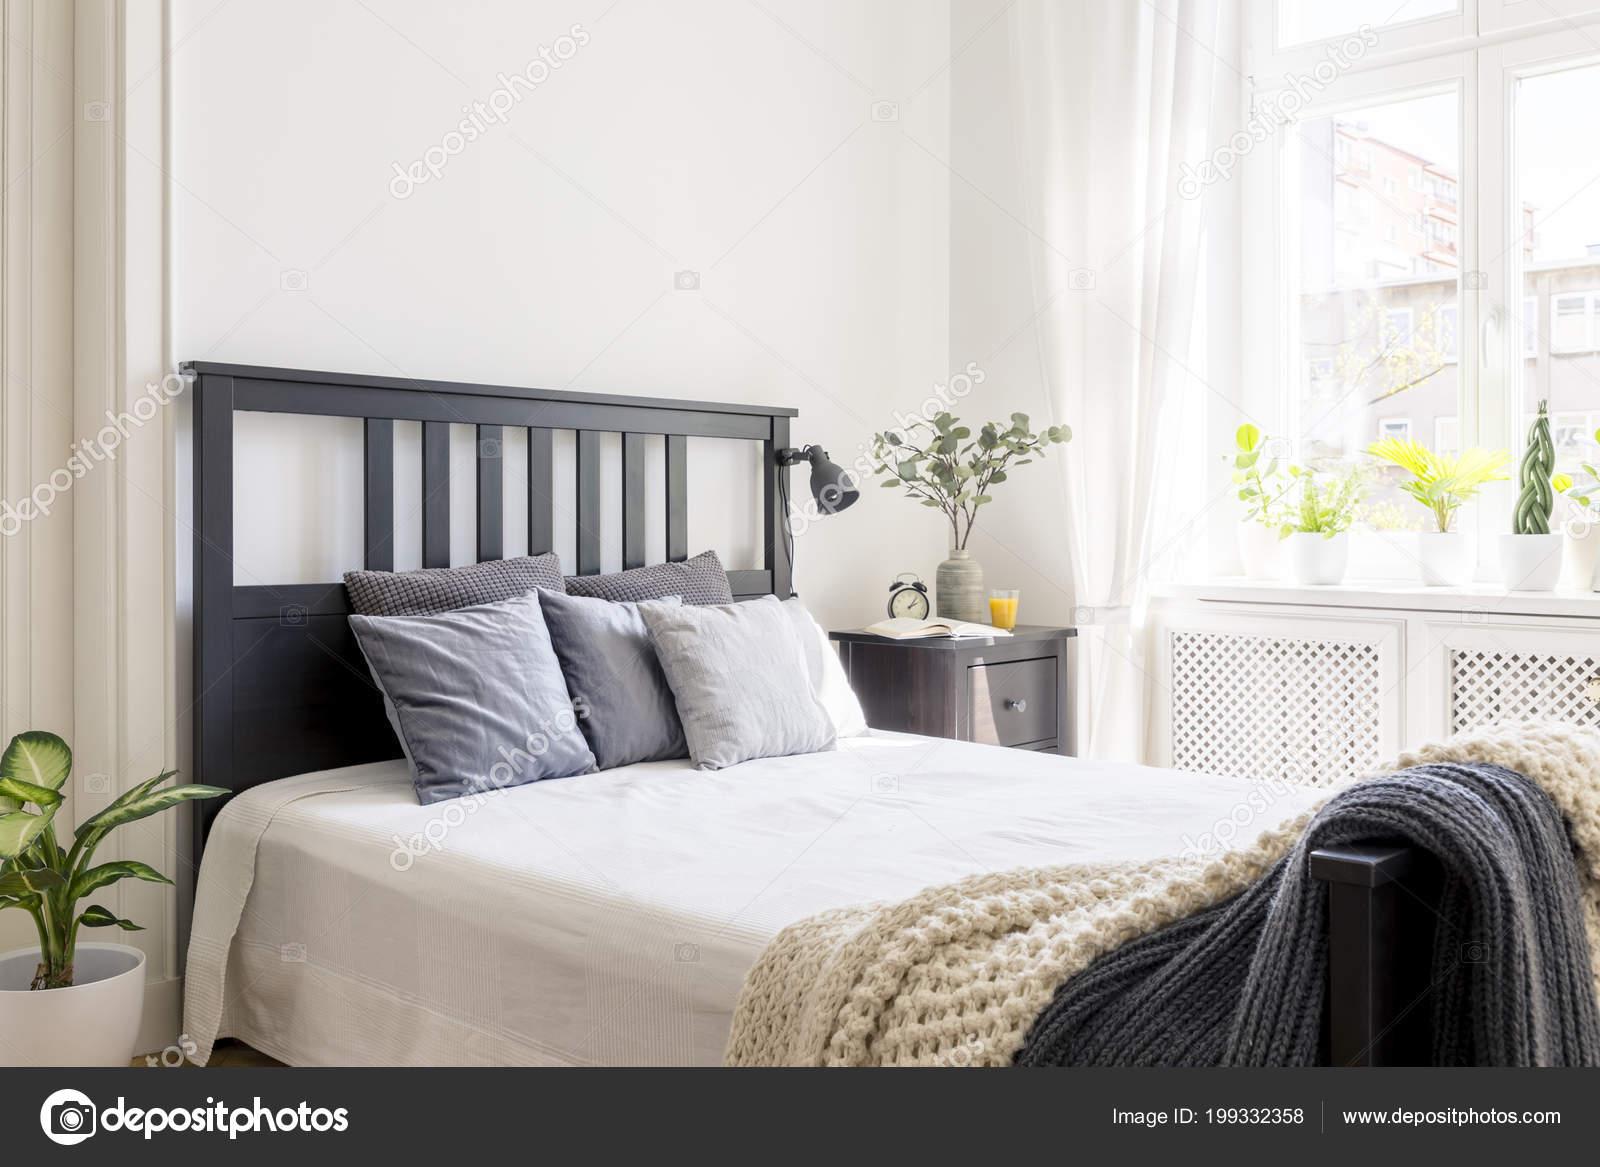 Letto Senza Testiera Cuscini : Cuscini una coperta sul letto con testiera nero interno camera